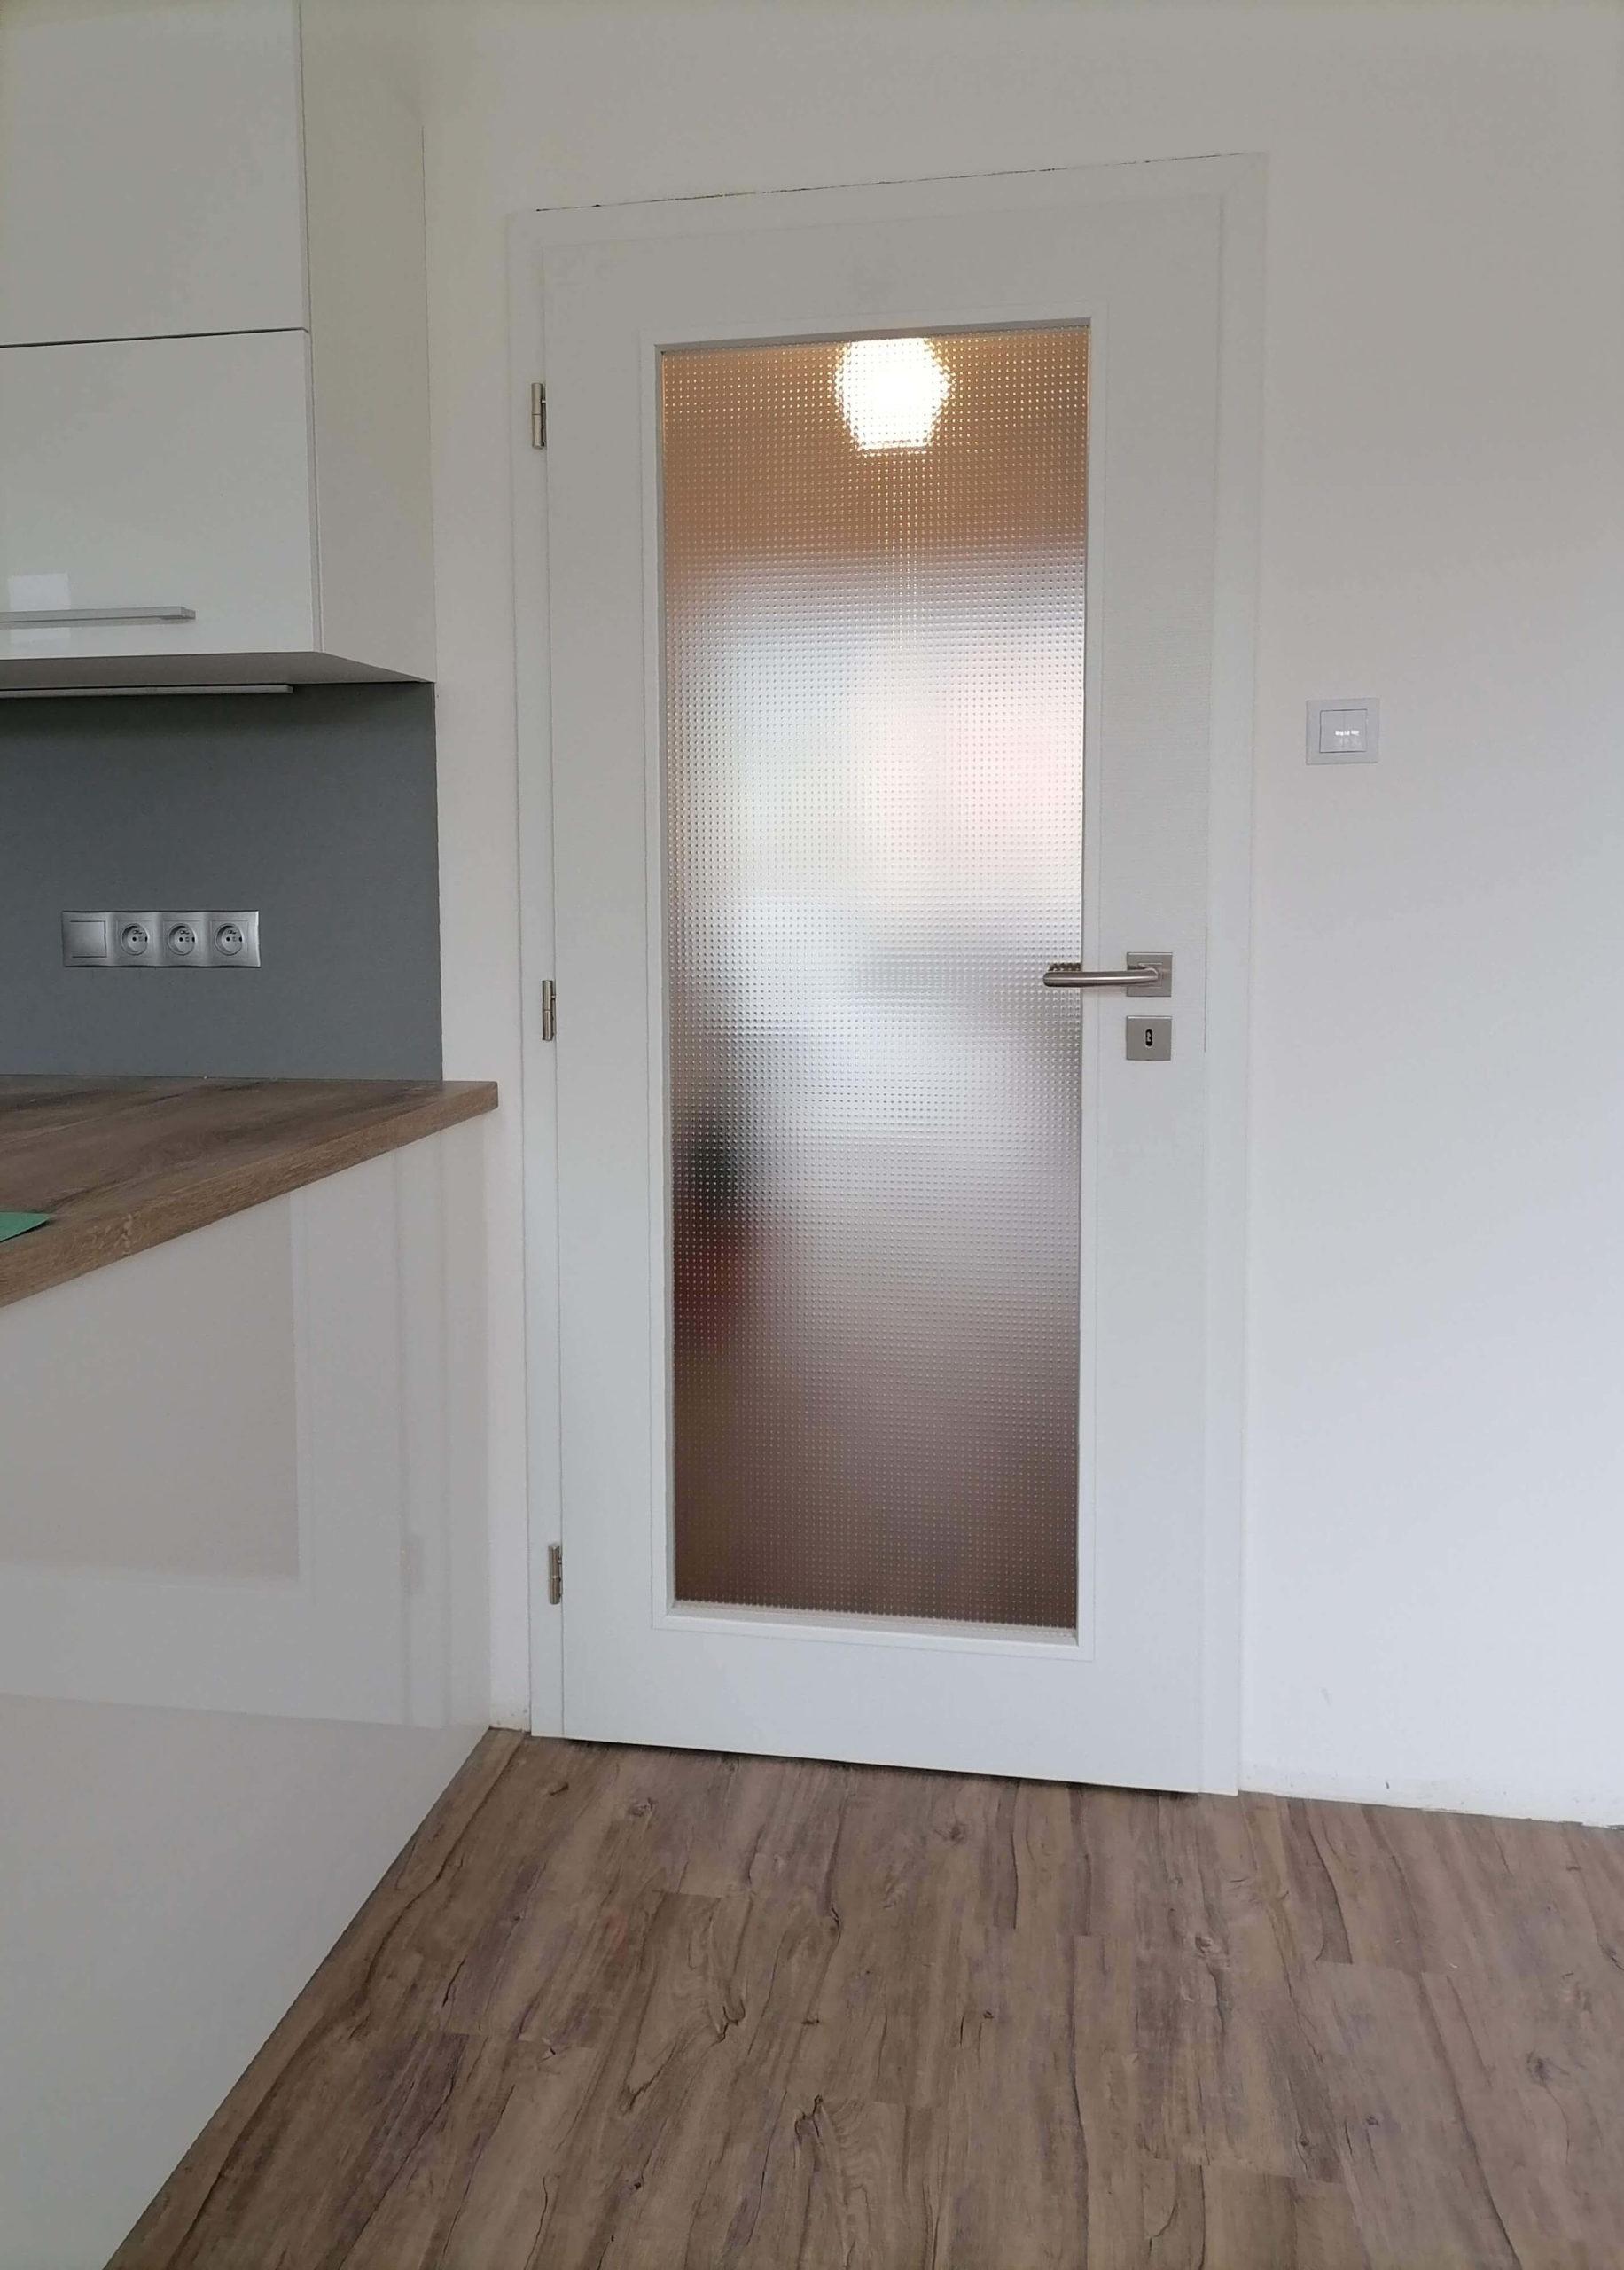 dveře kepák - reference  -bílé dveře 2